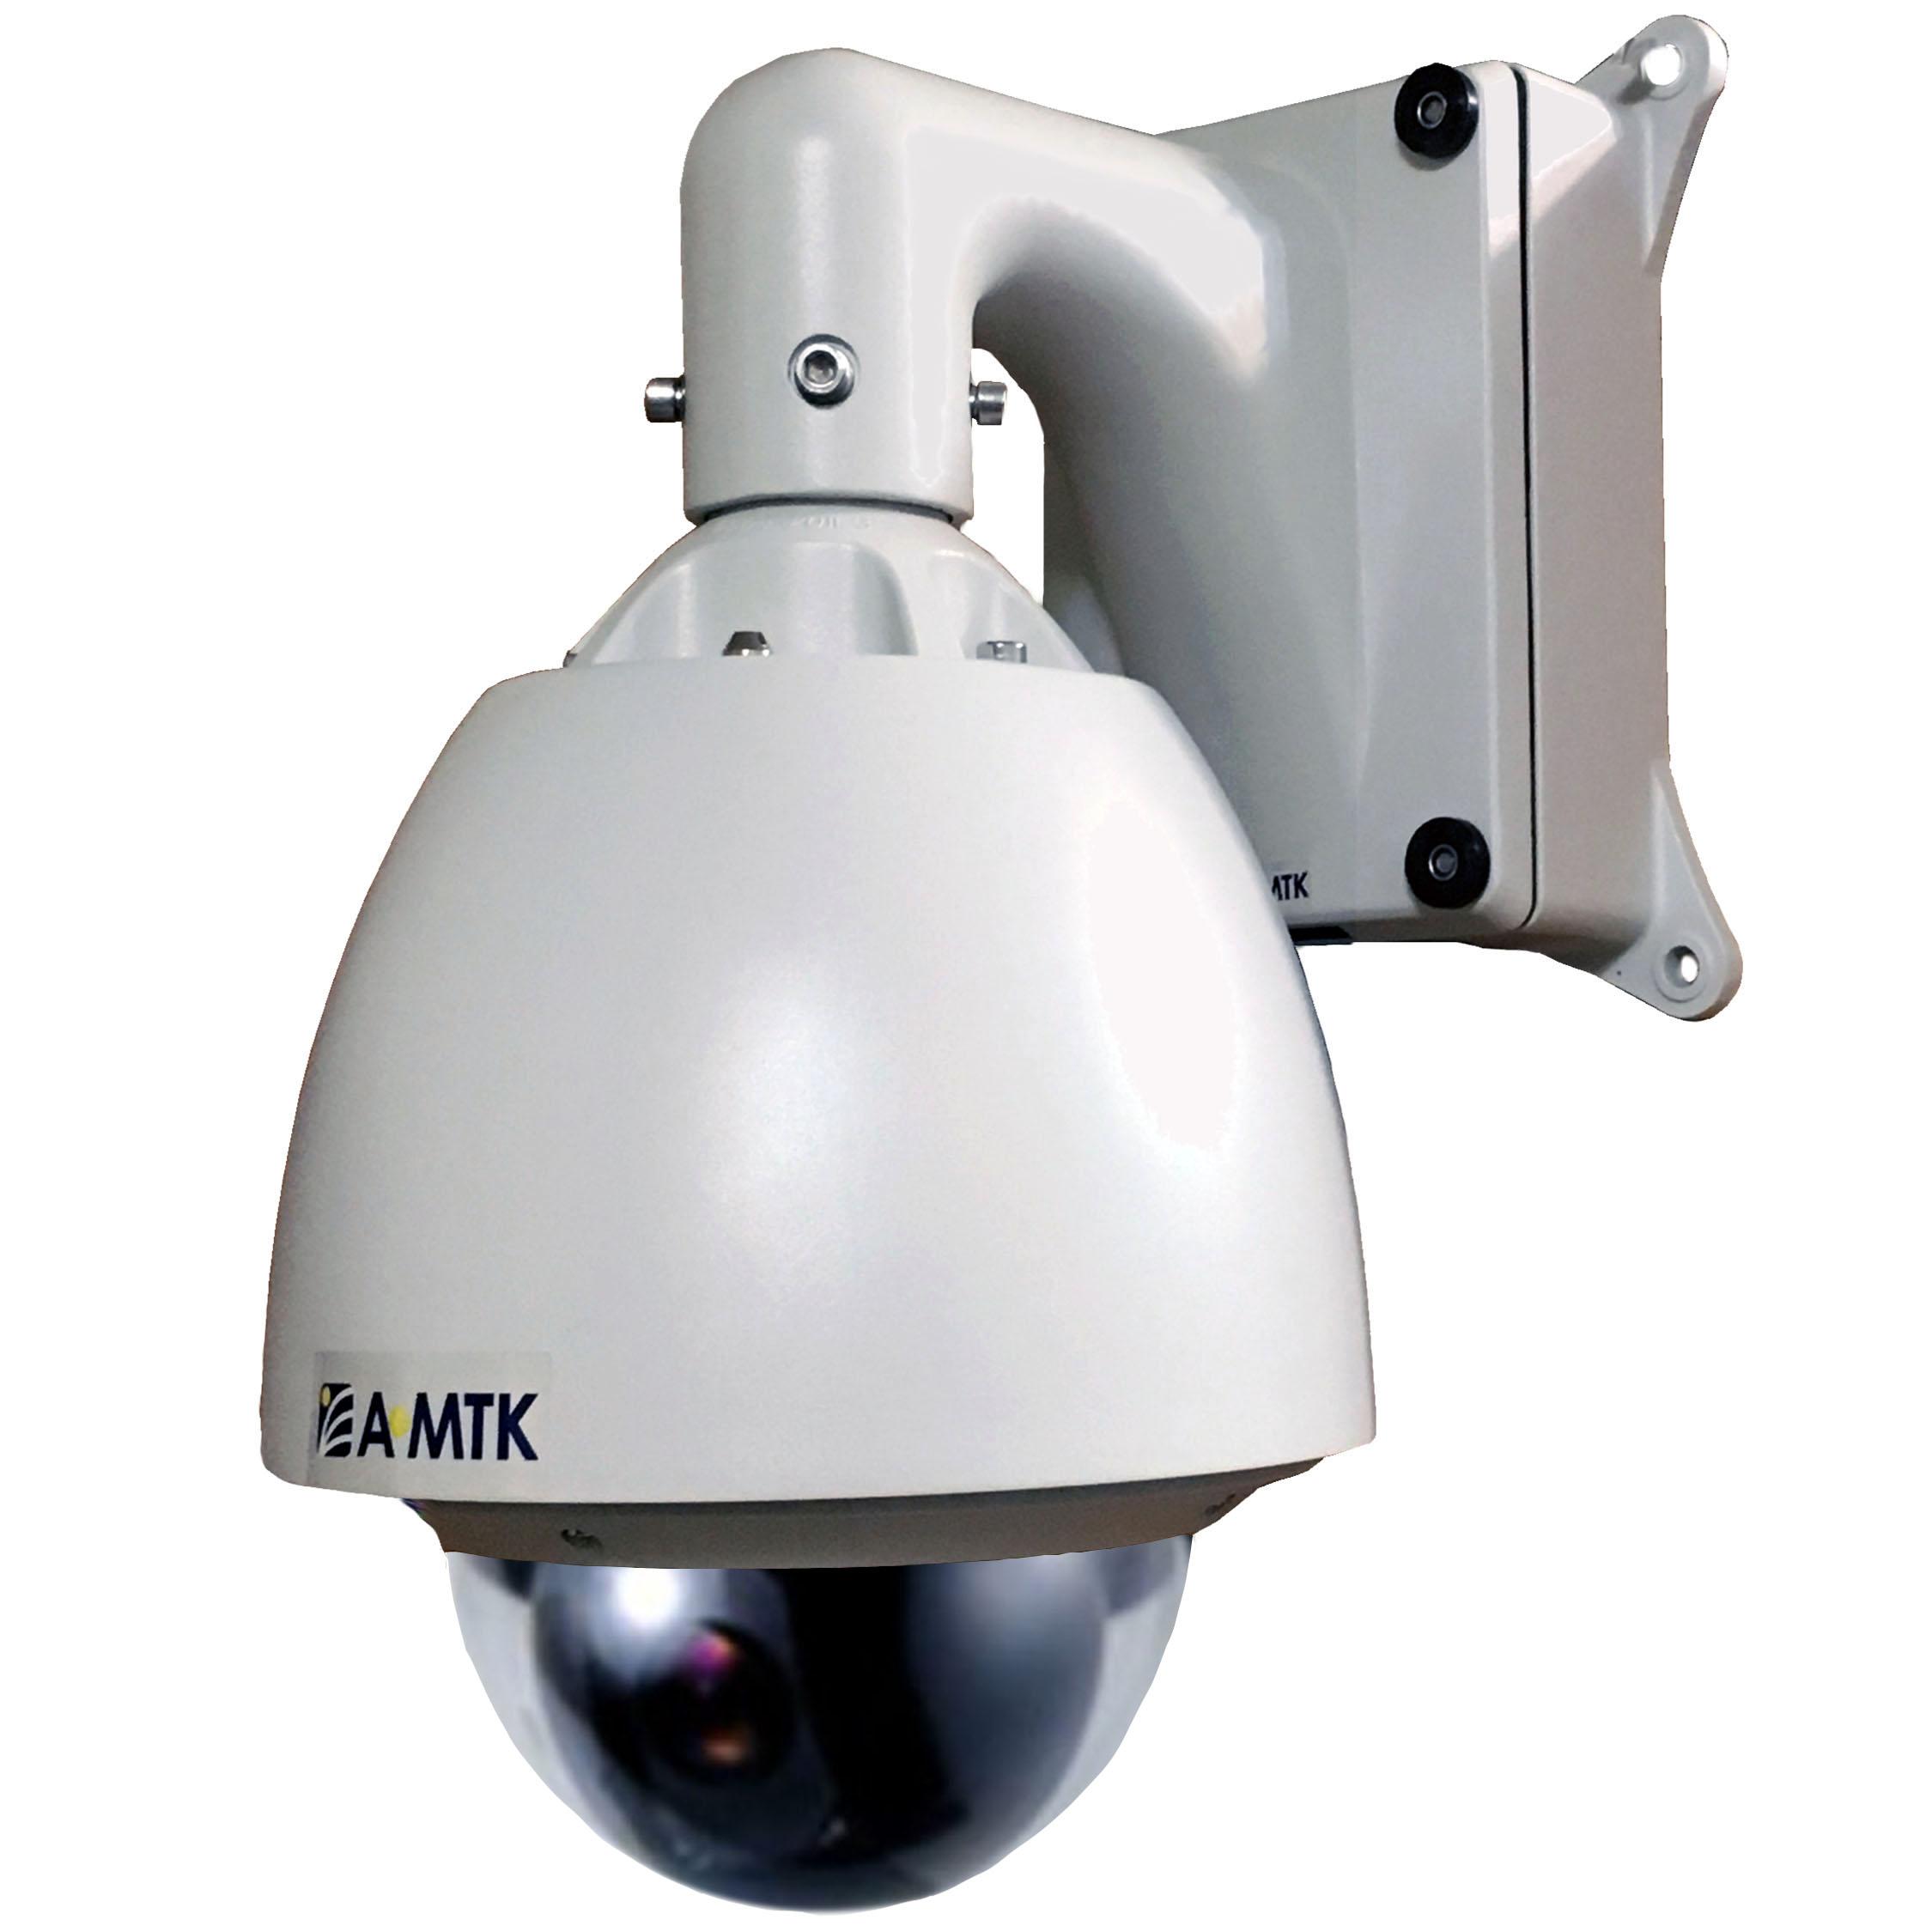 دوربین مداربسته تحت شبکه ای ام تی کی مدل AM9913-36X